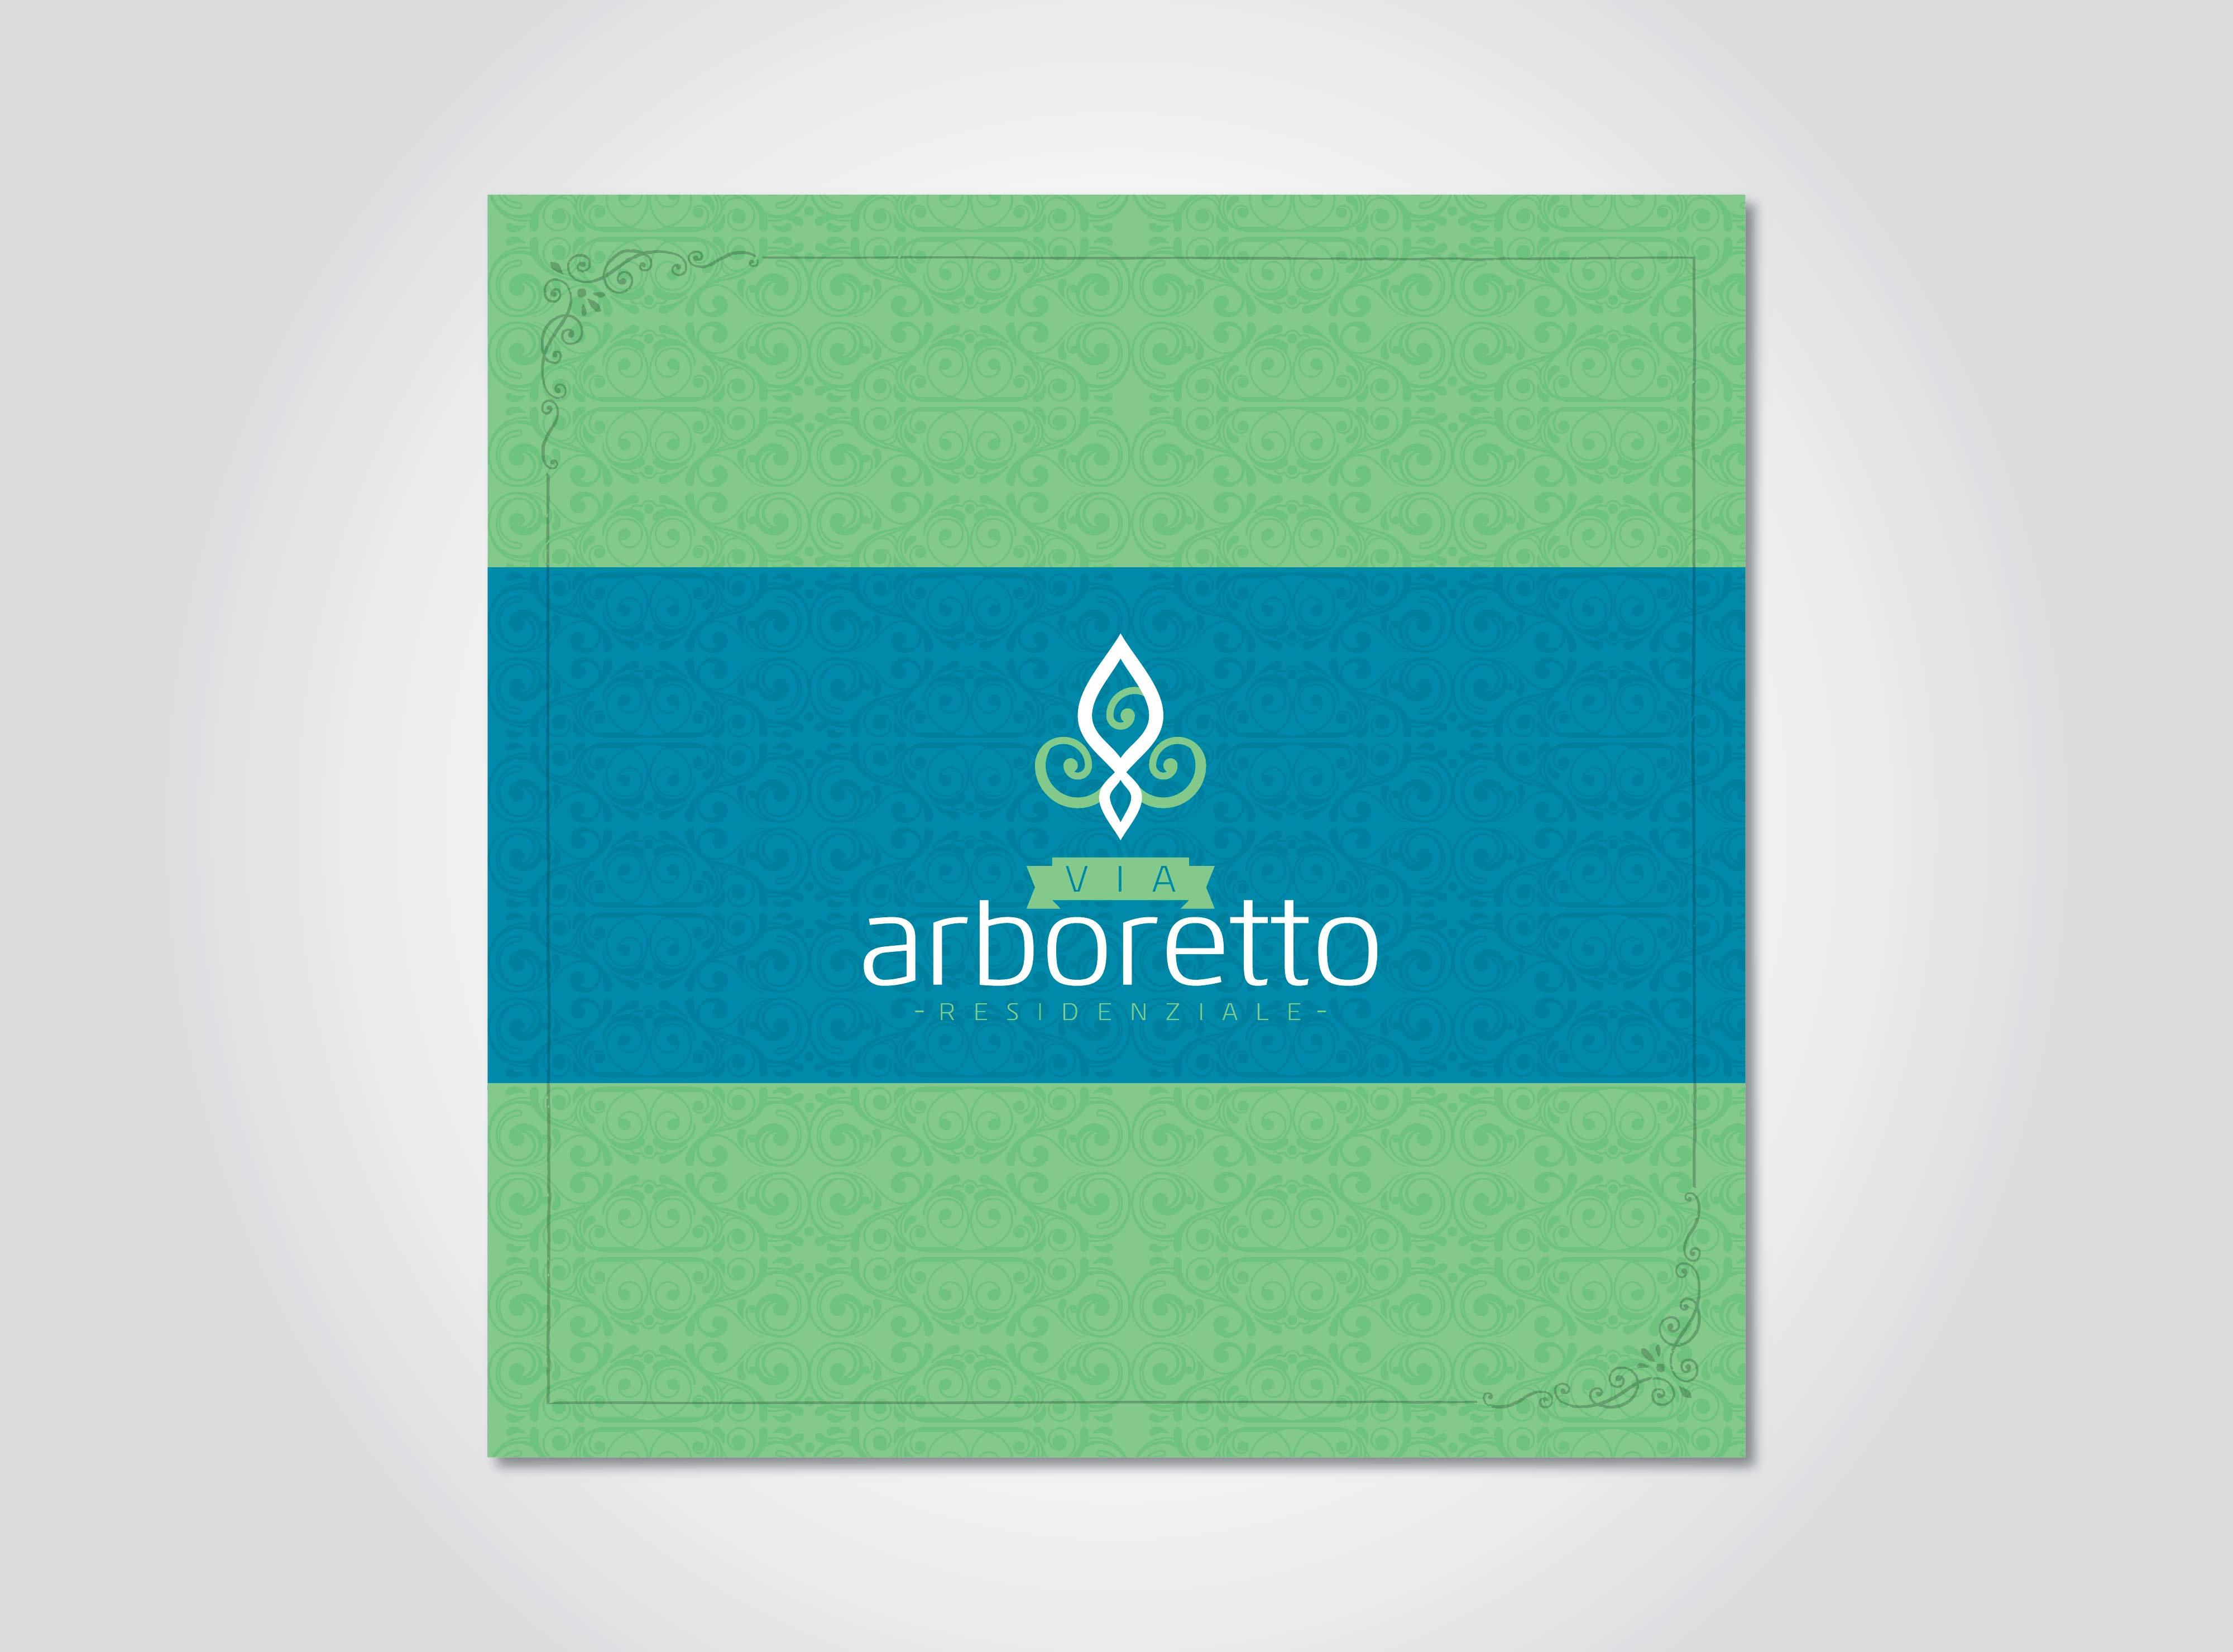 arboretto-05